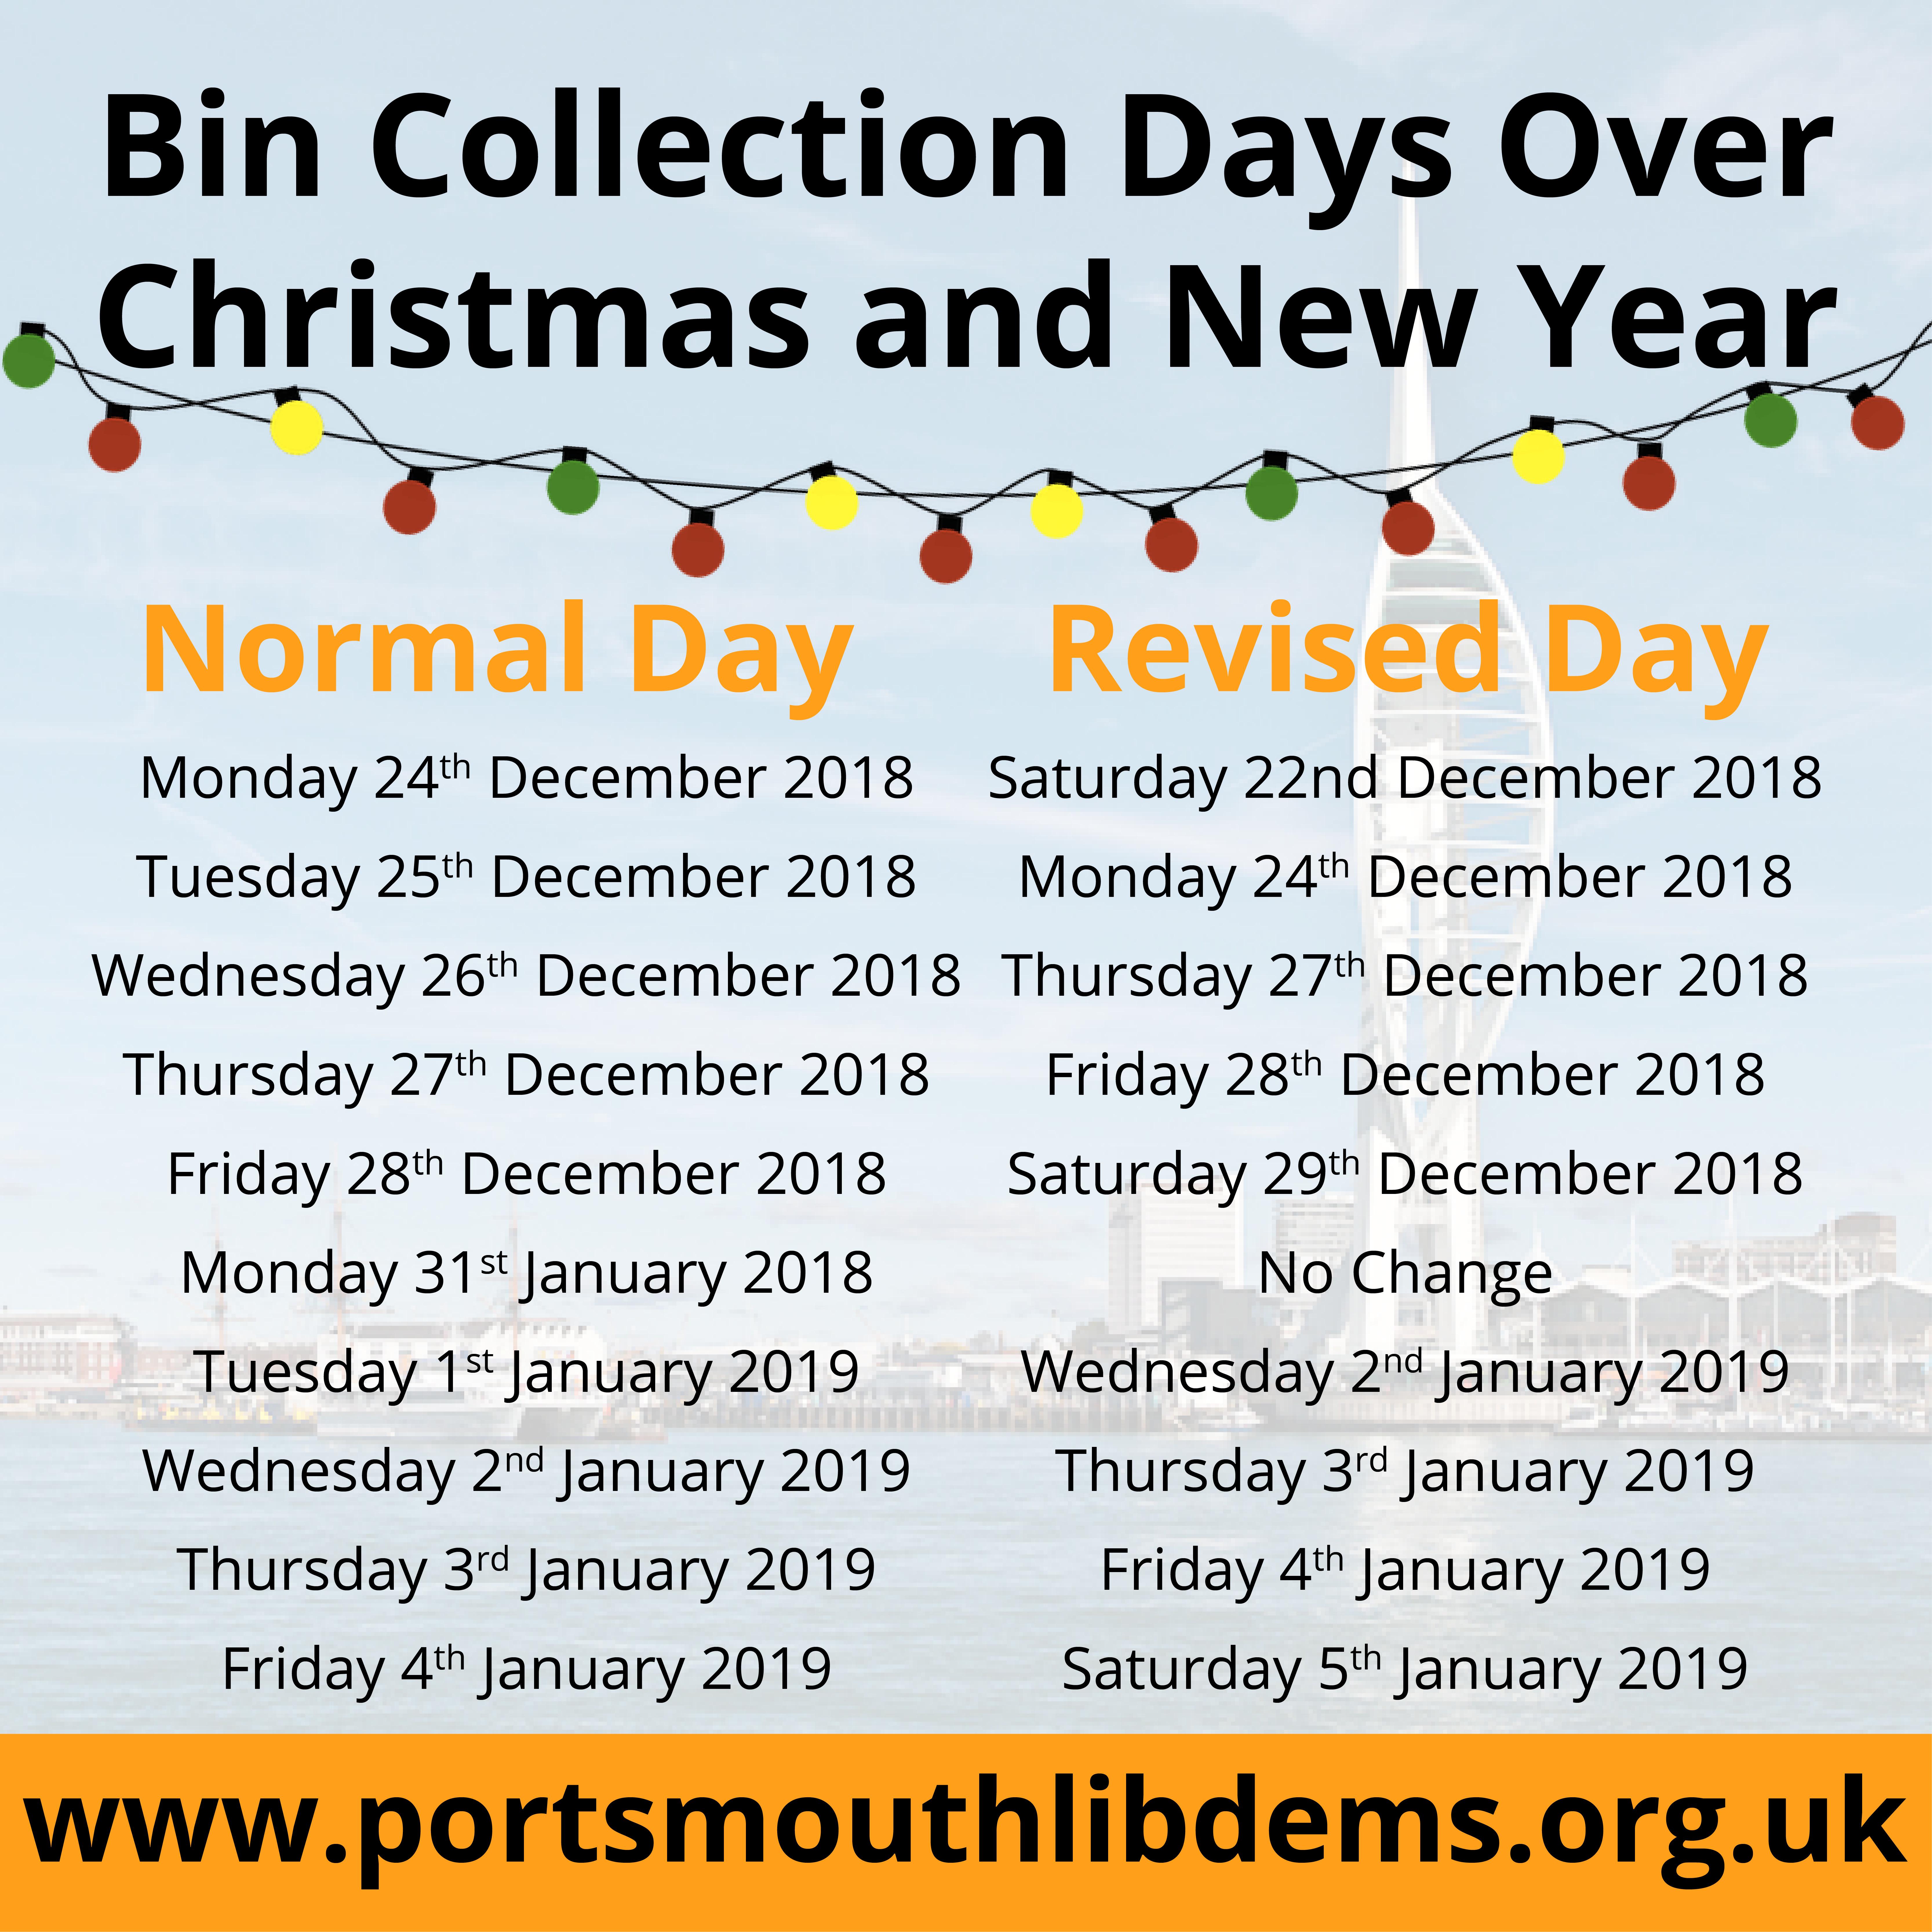 Christmas Bin Collection Days